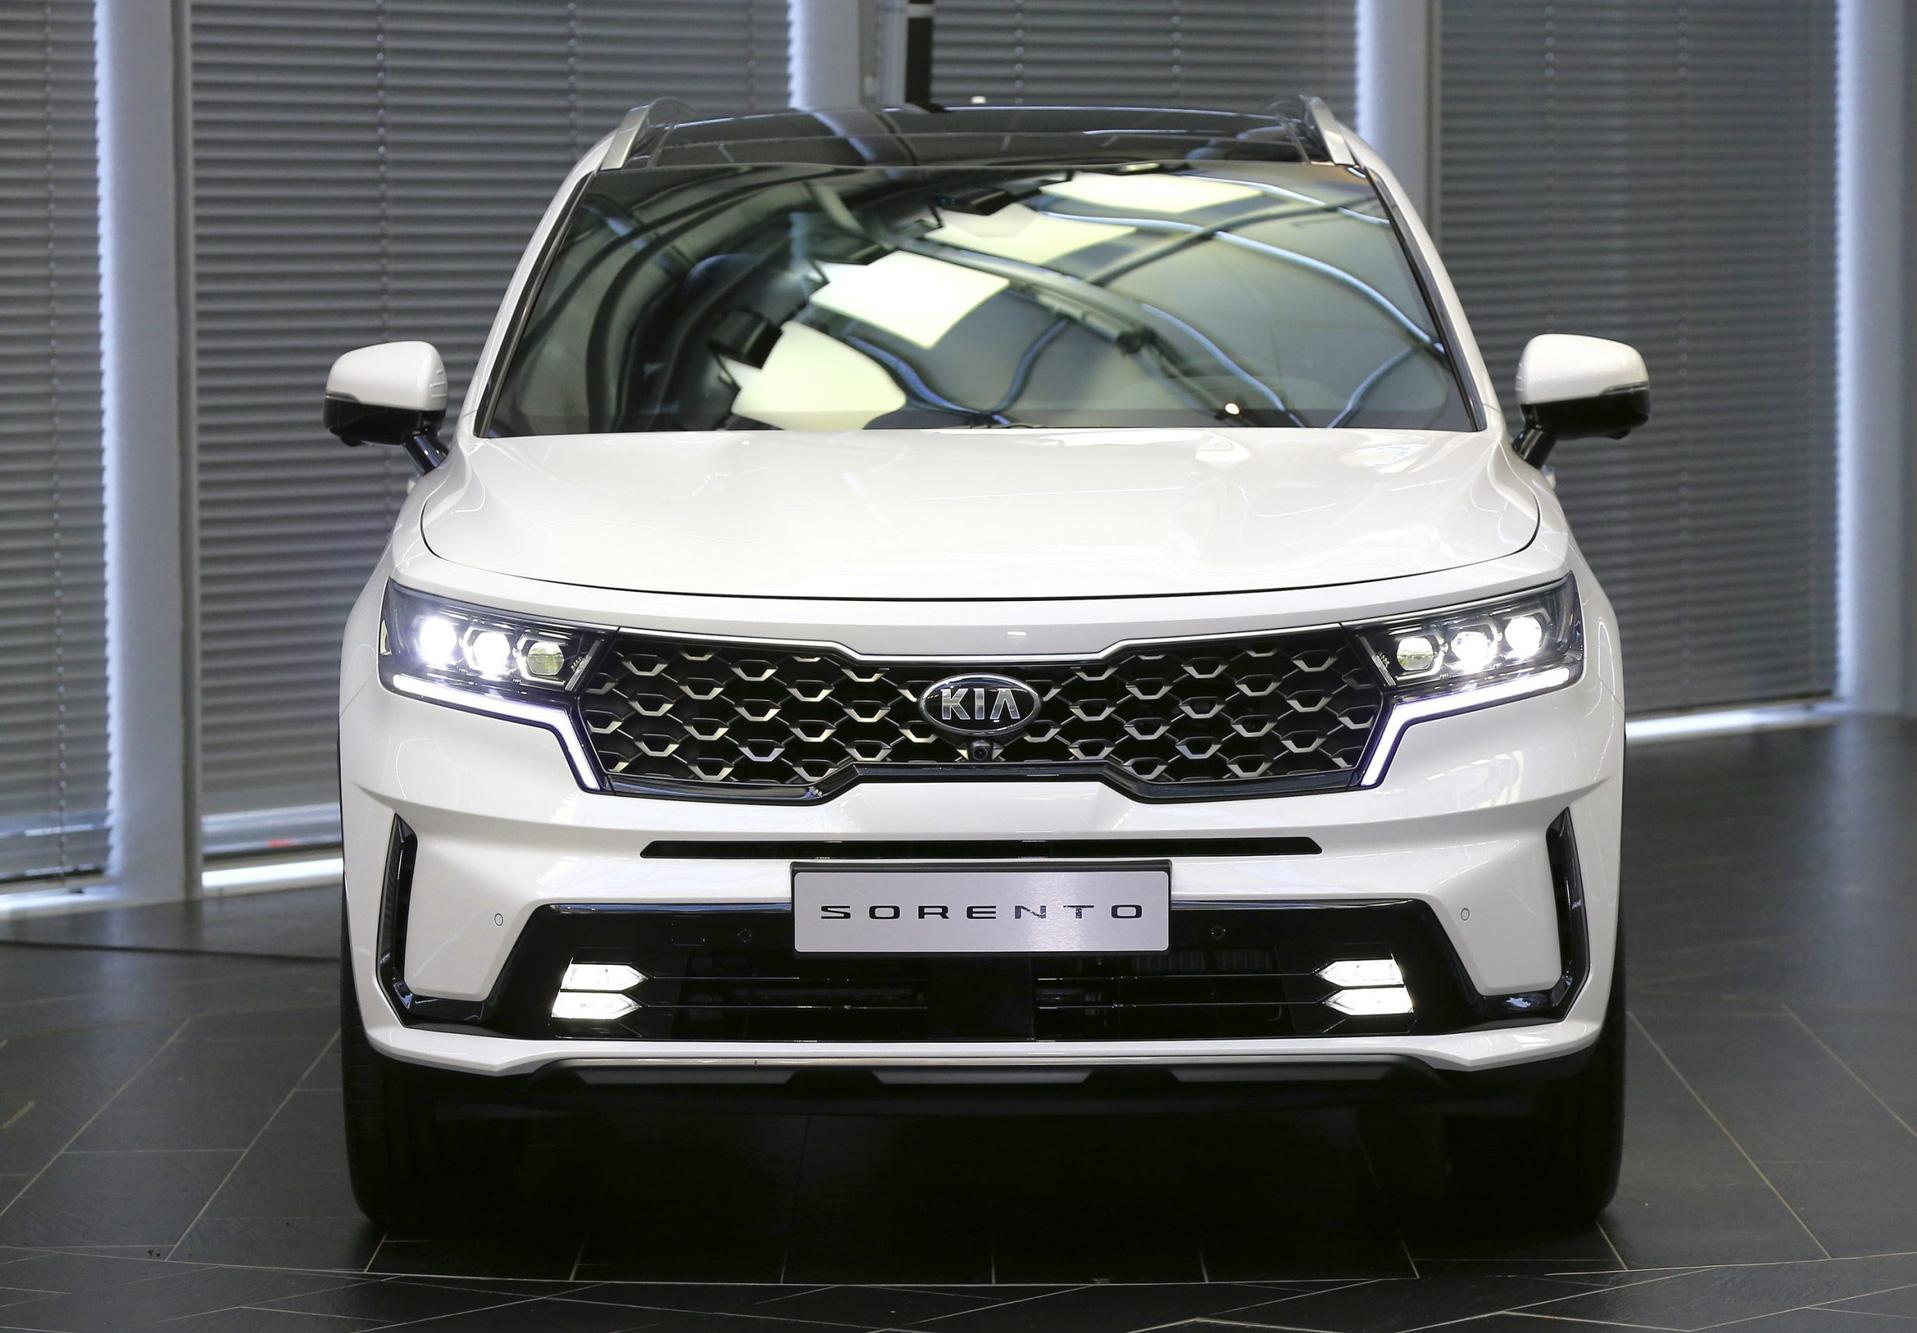 Điểm danh loạt ô tô mới sắp về nước, đa dạng mức giá từ trăm triệu đến bạc tỷ